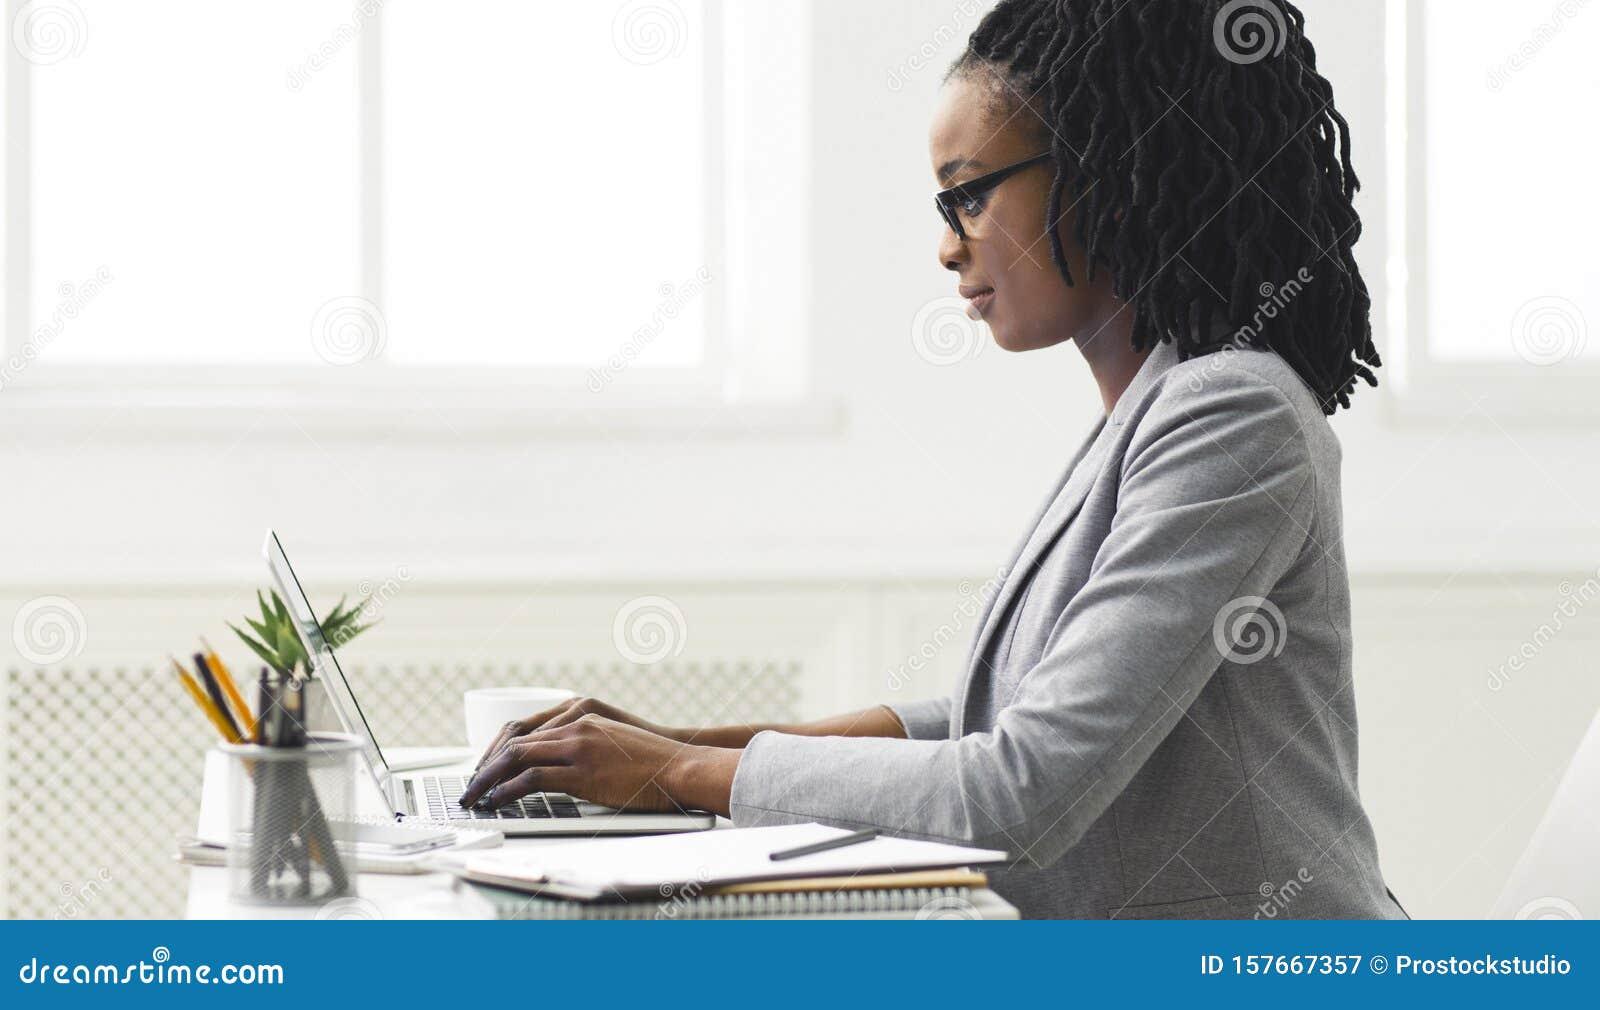 Офисная работа для девушек работа вахтовым методом в самаре для девушек